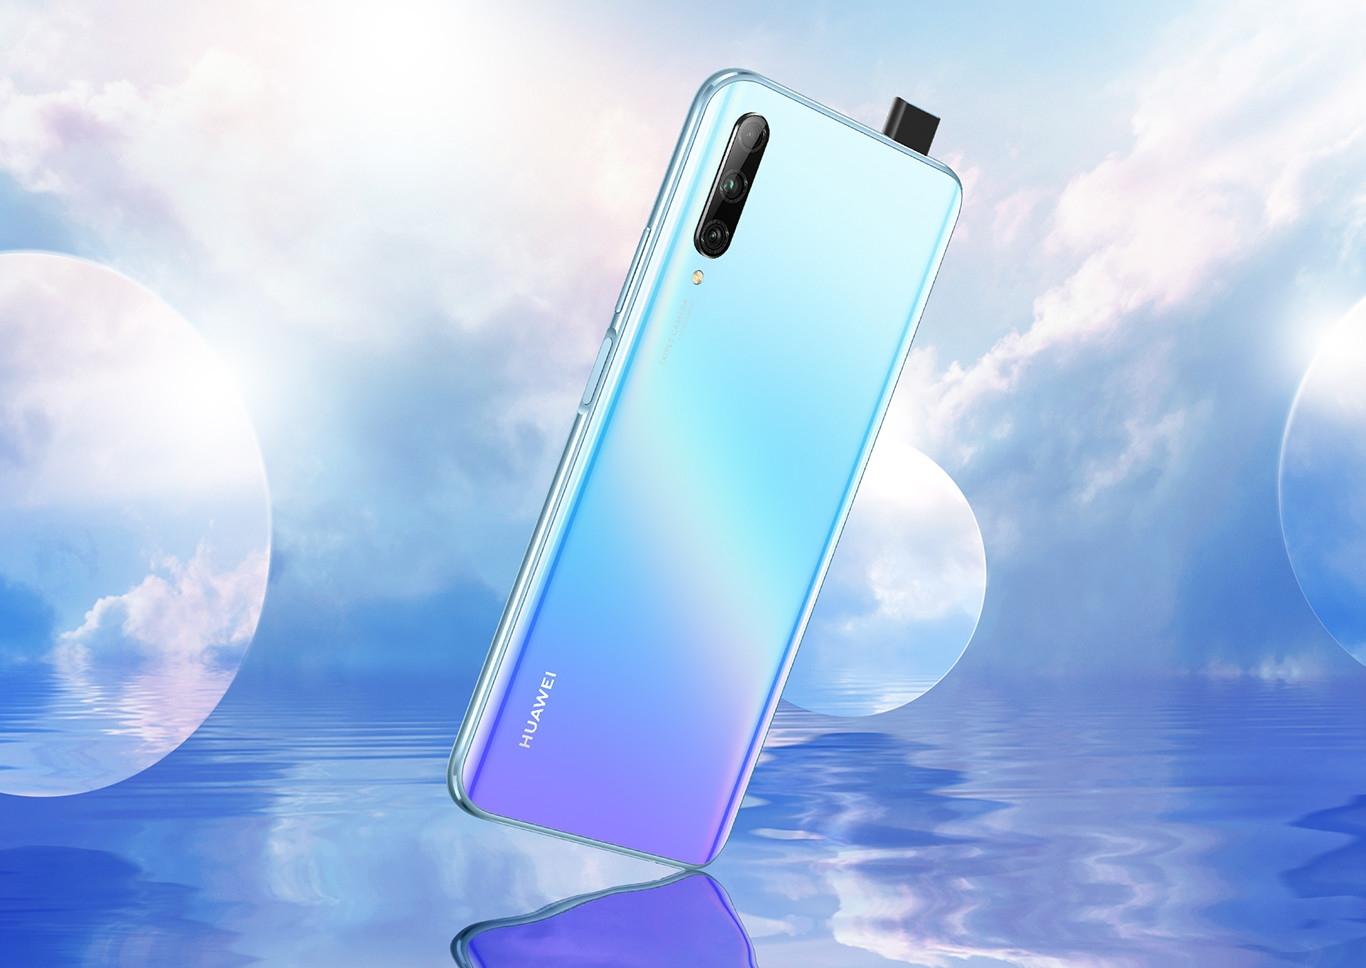 Huawei y9s couleur